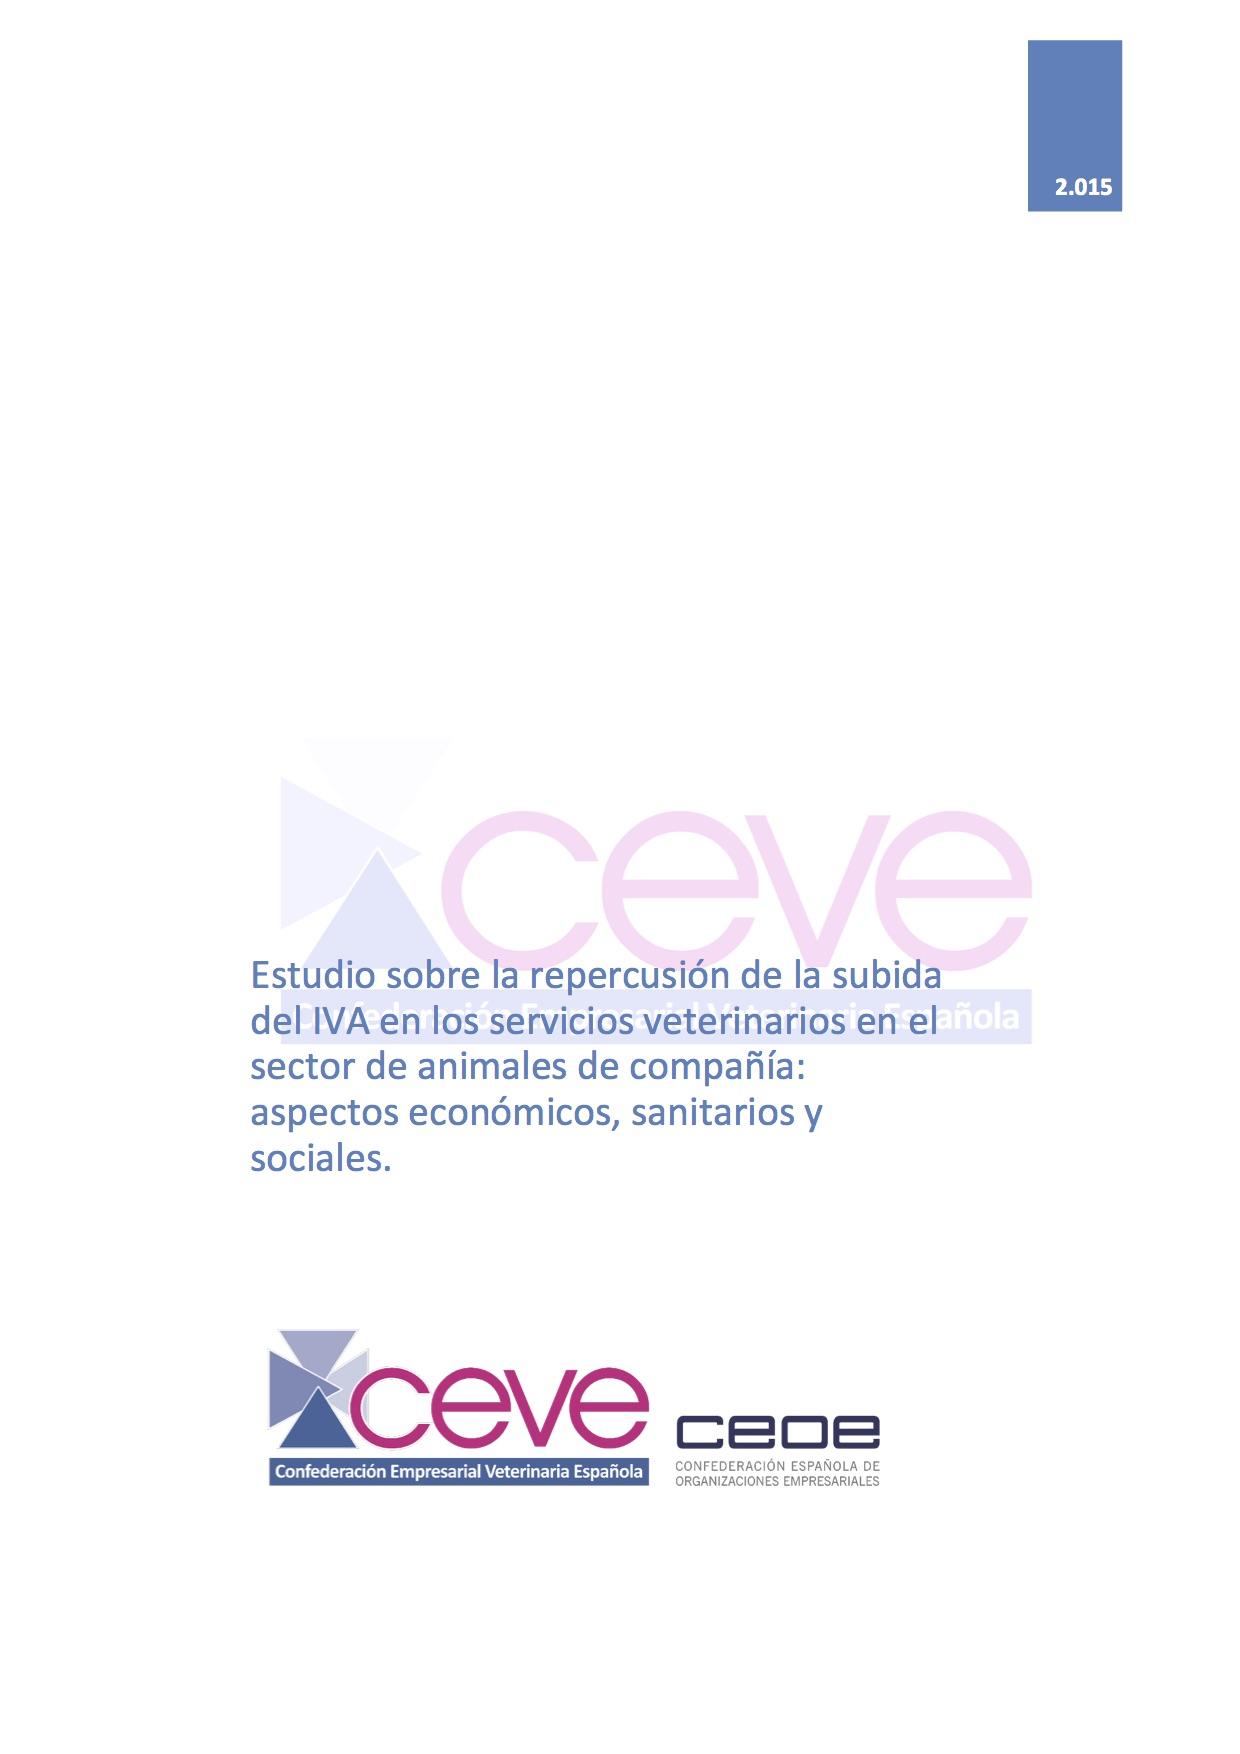 infome-1ceve-sobre-el-iva-veterinario-desbloqueado